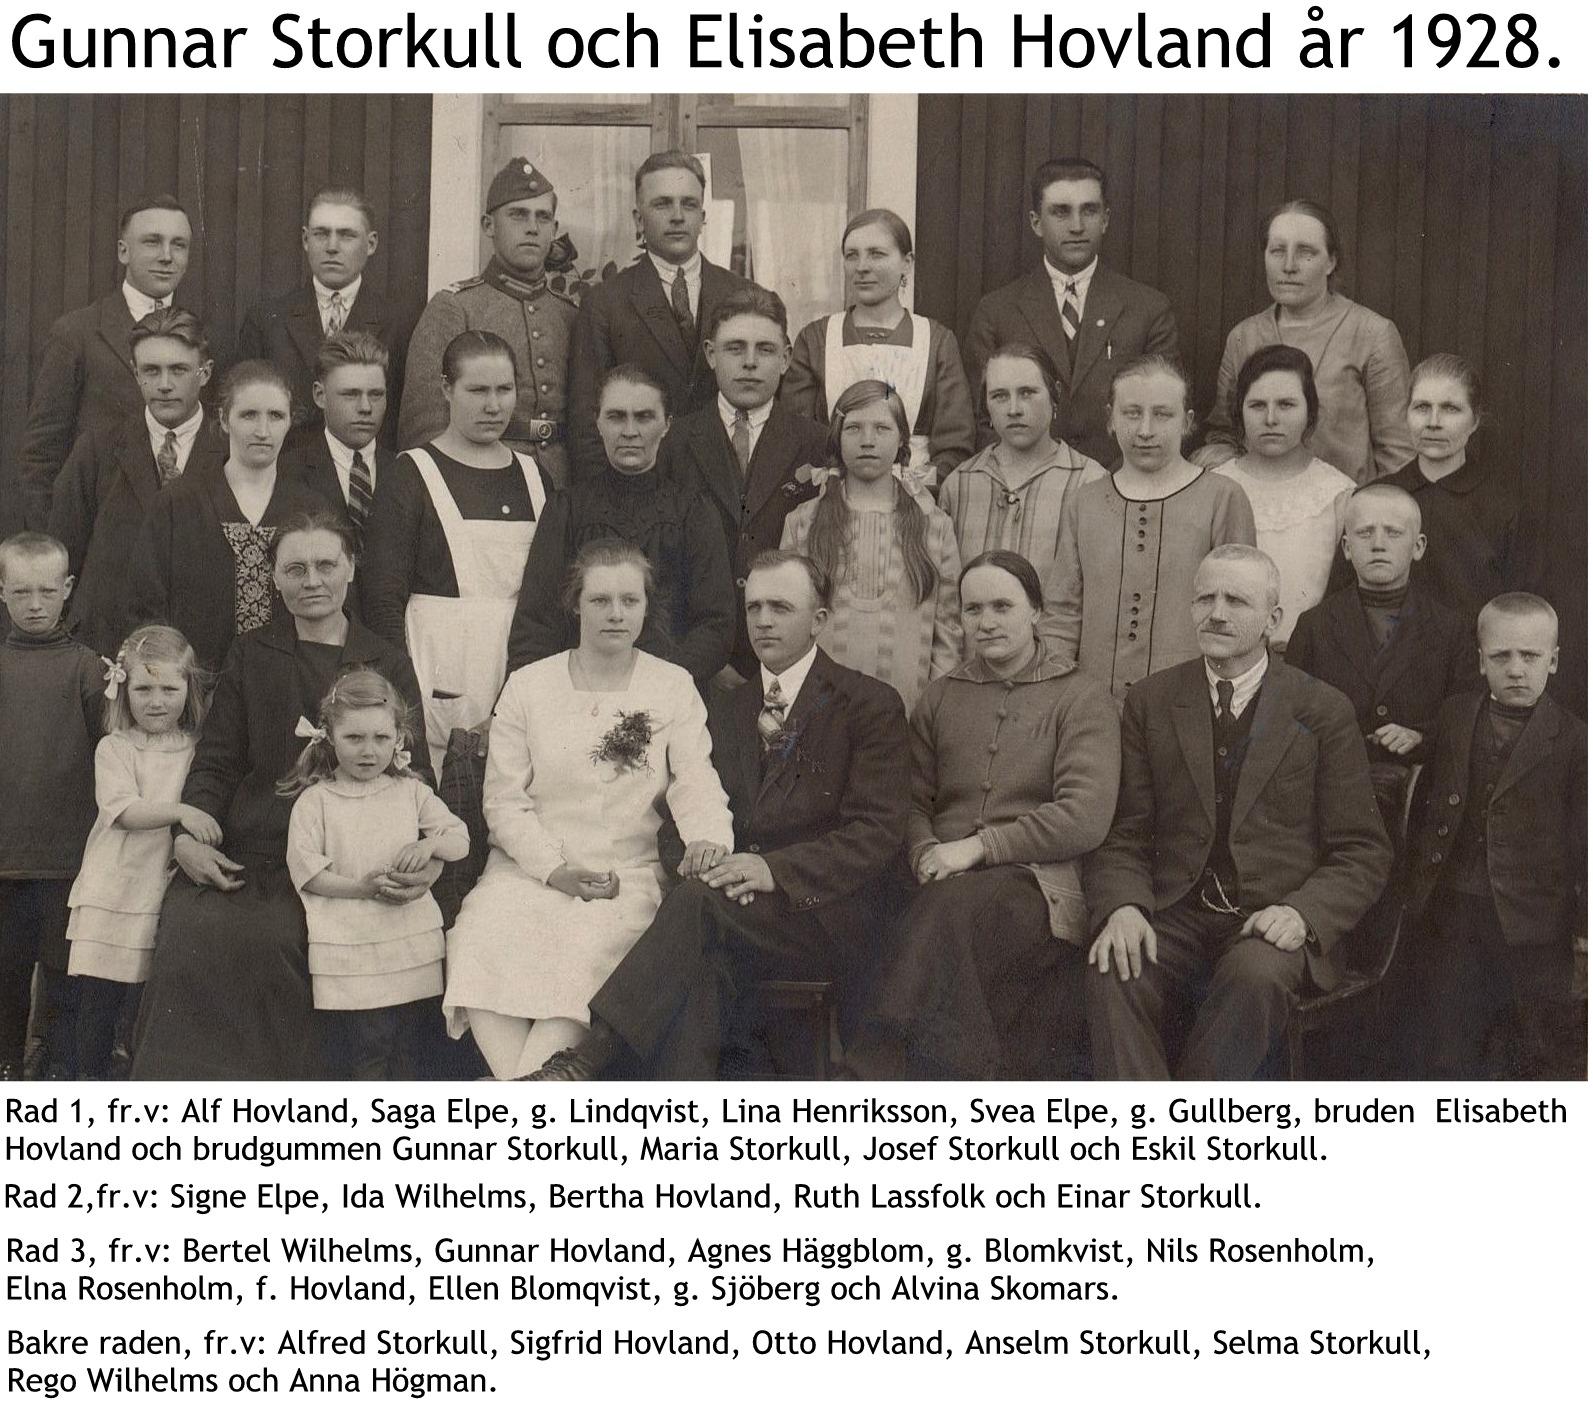 Storkull Gunnar och Lisbeths bröllopsfoto med namn